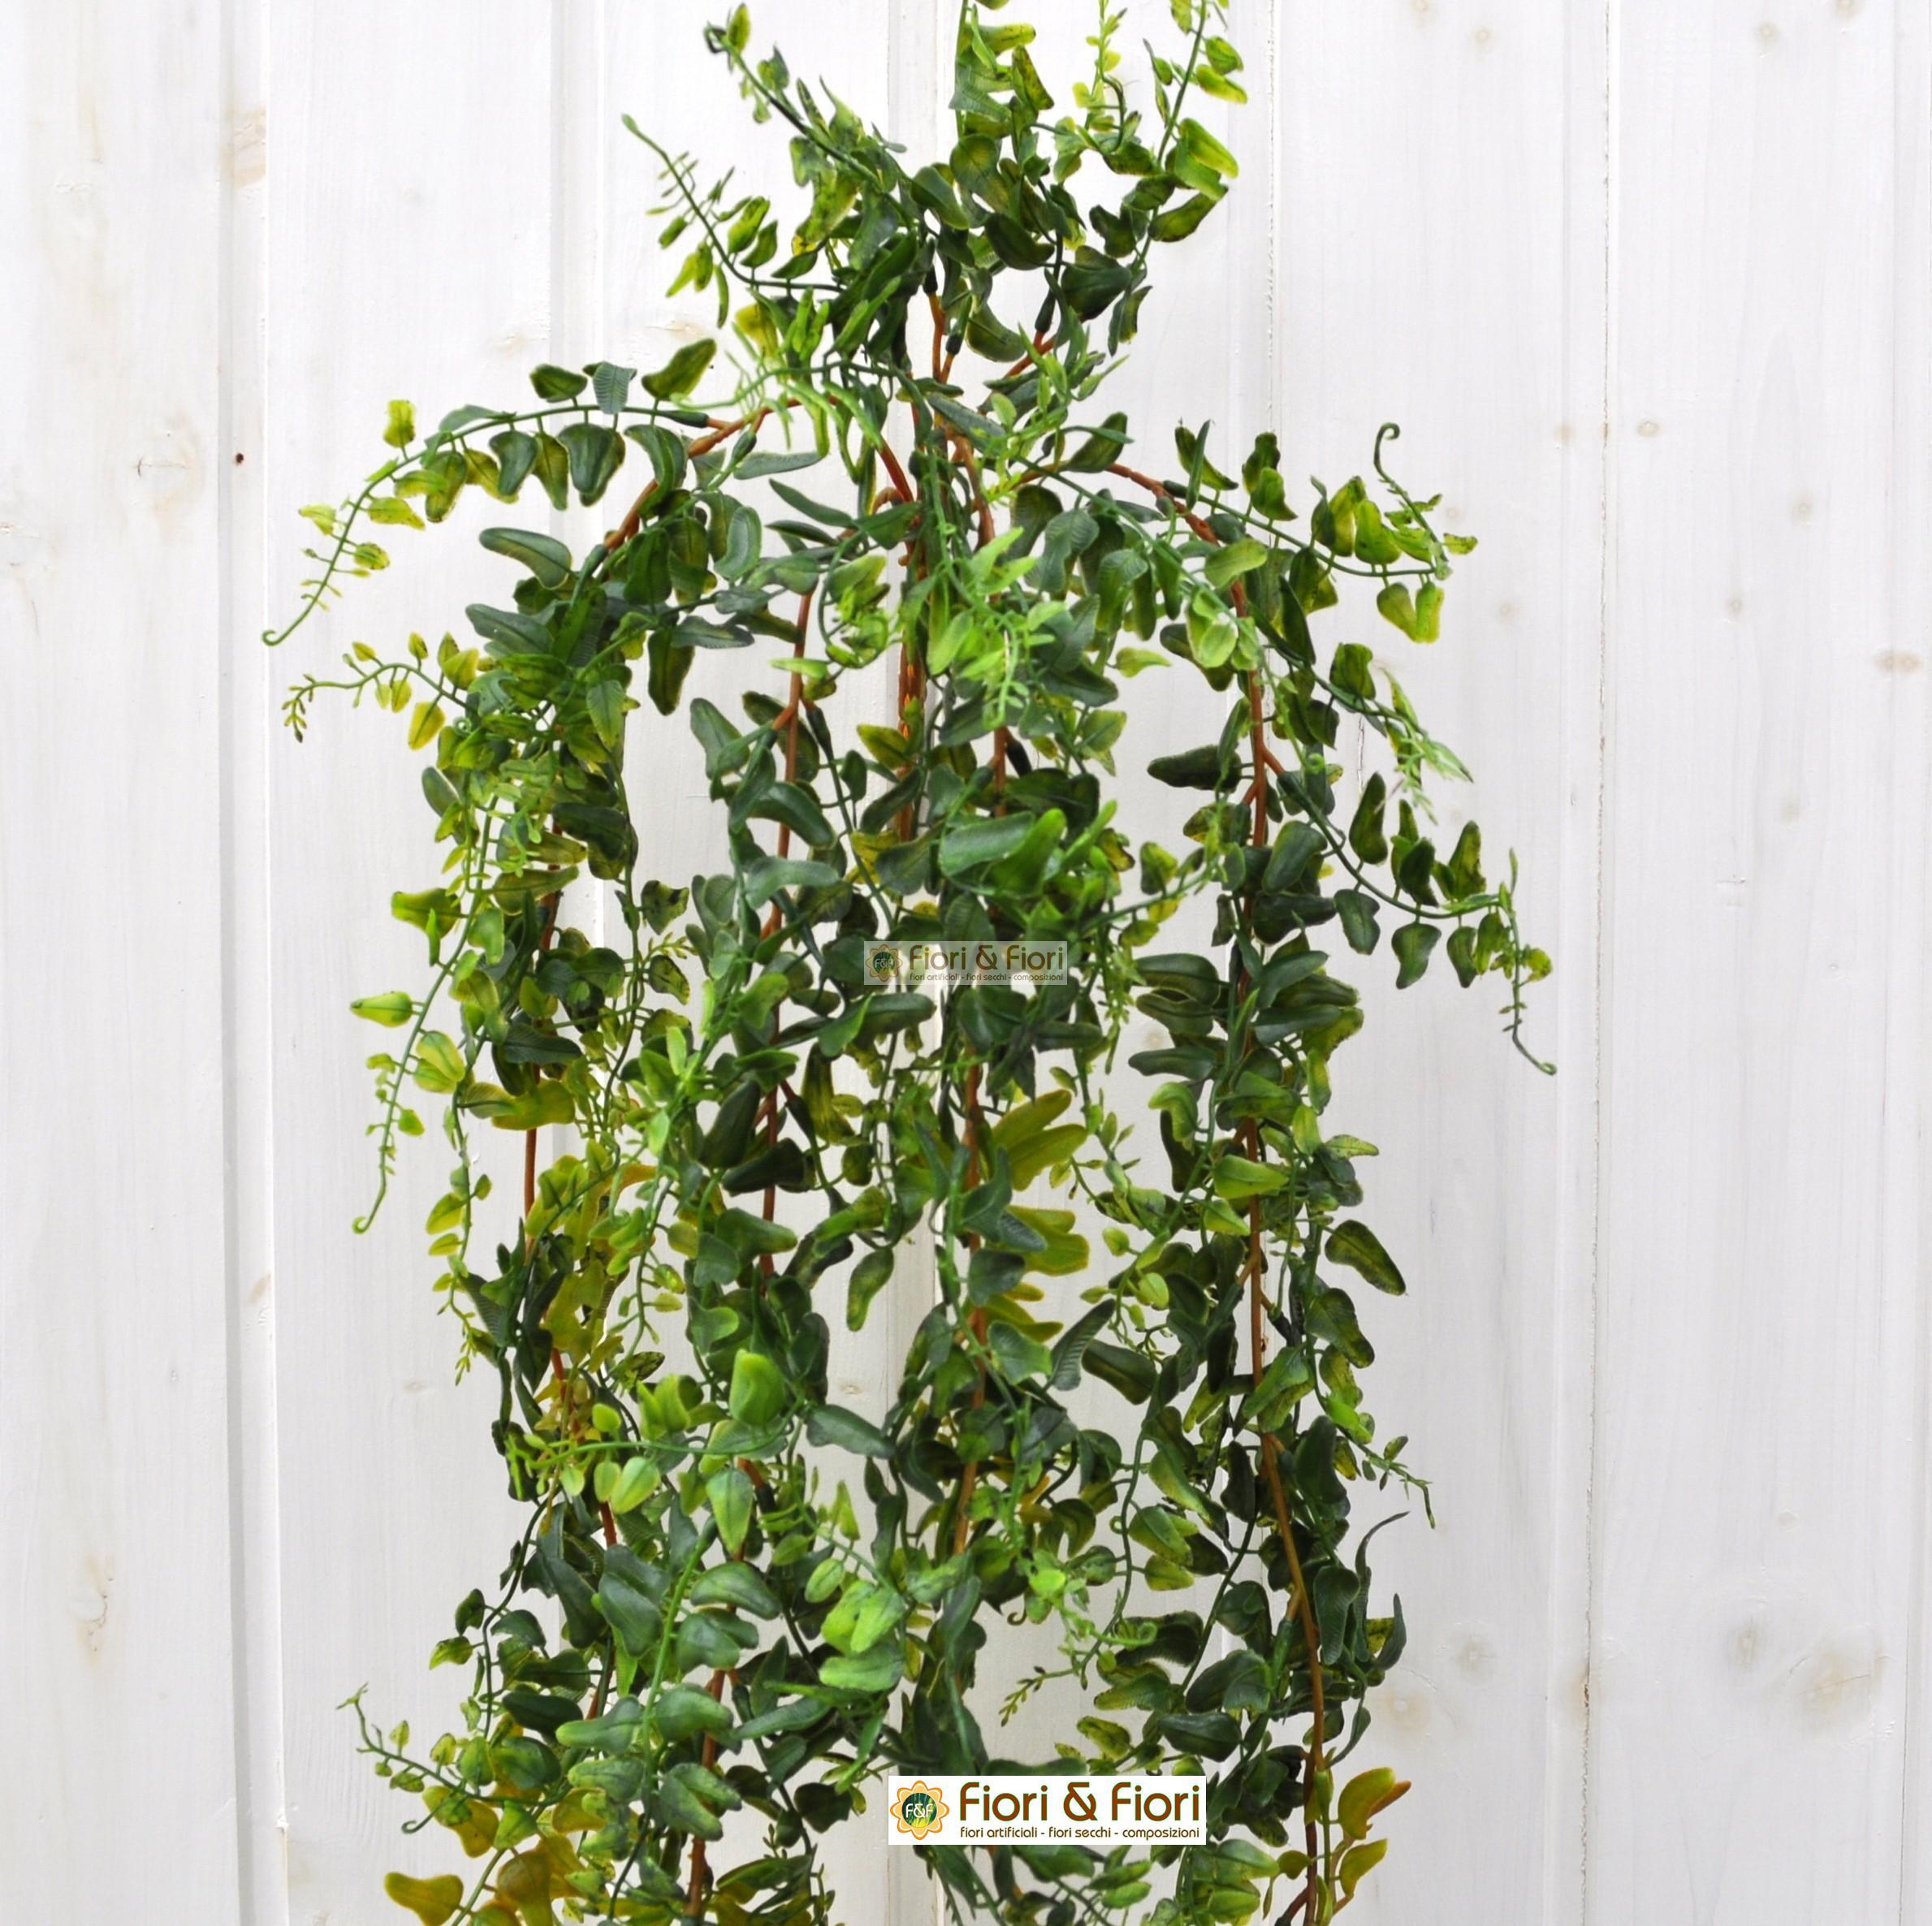 Pianta artificiale felce boston per arredamenti di interni - La felce pianta ...